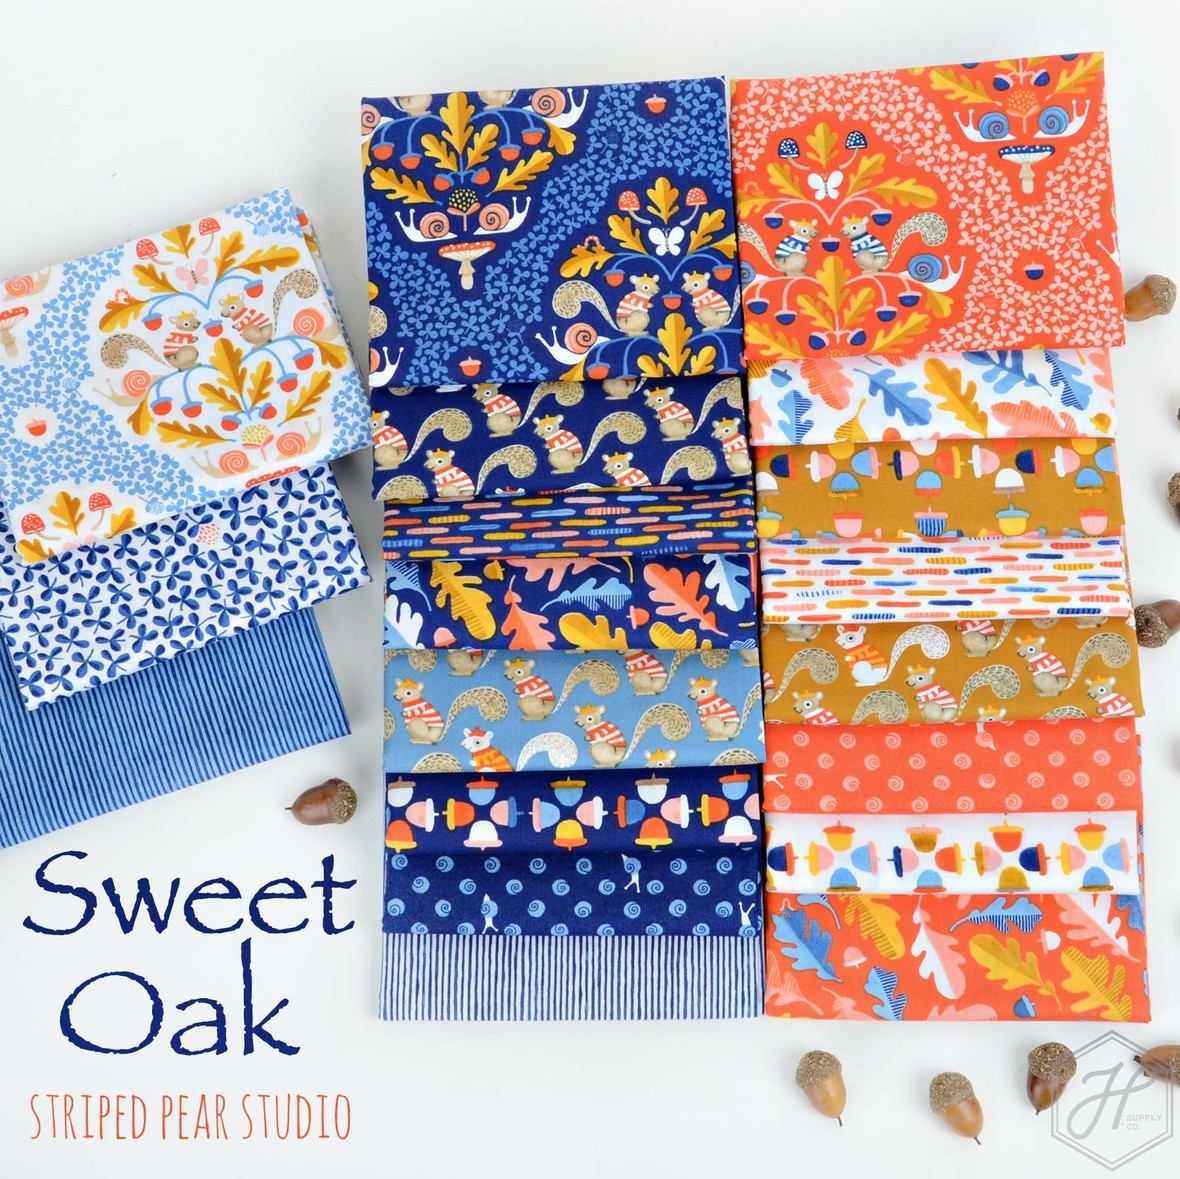 Sweet Oak- price unknown